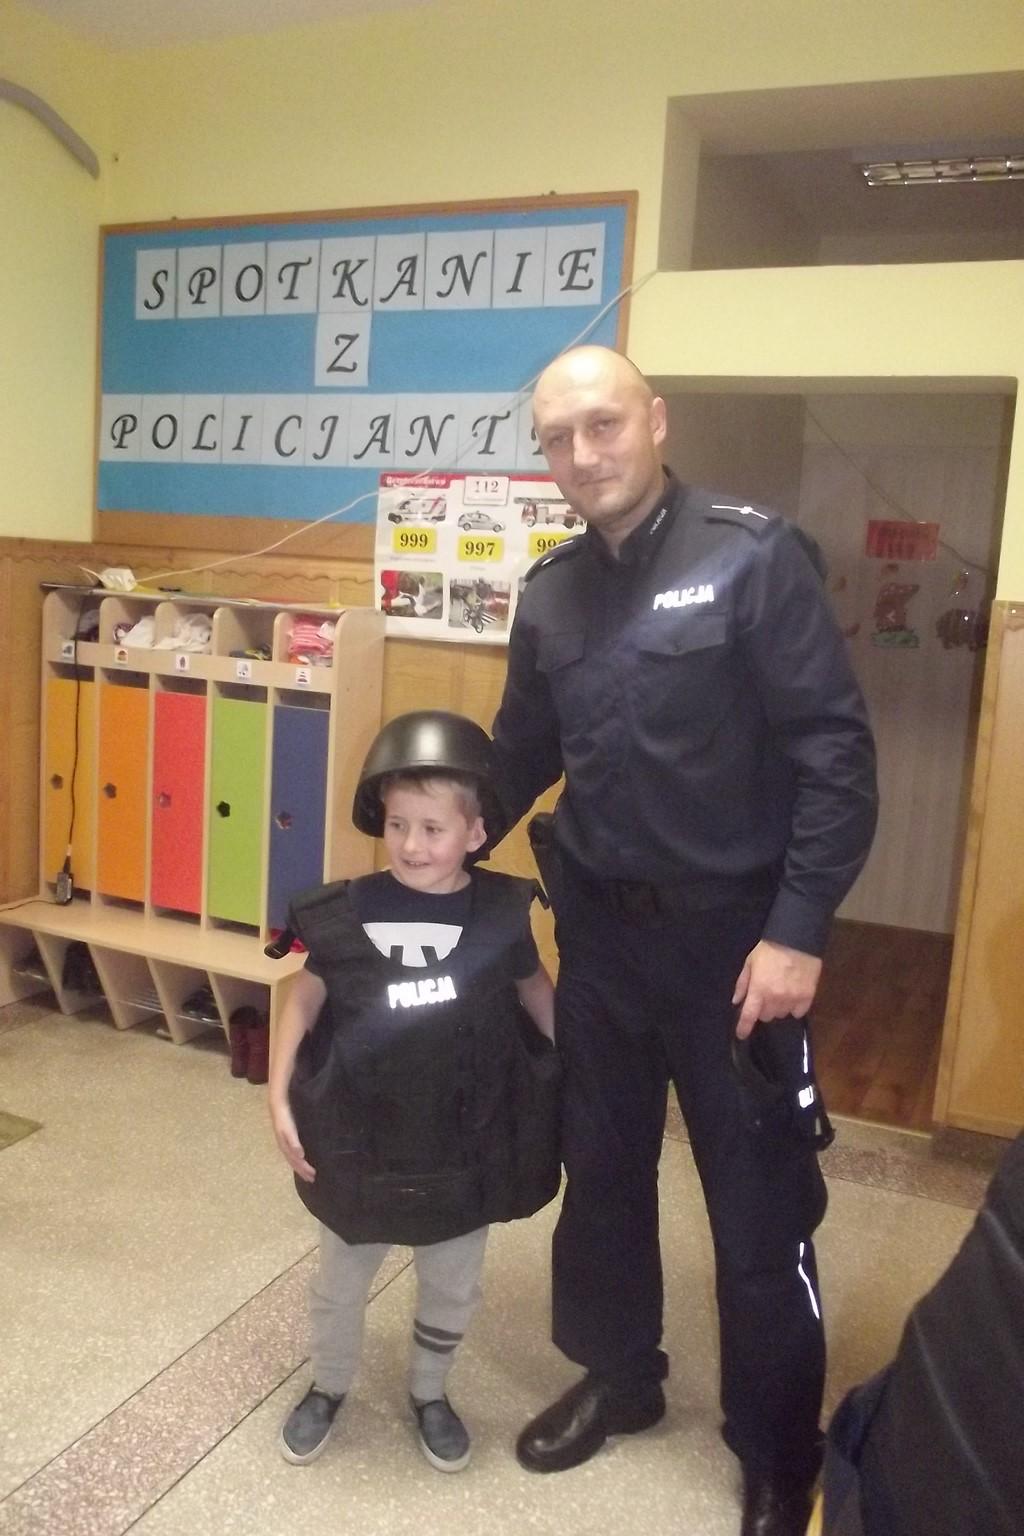 Spotkanie z policjantem